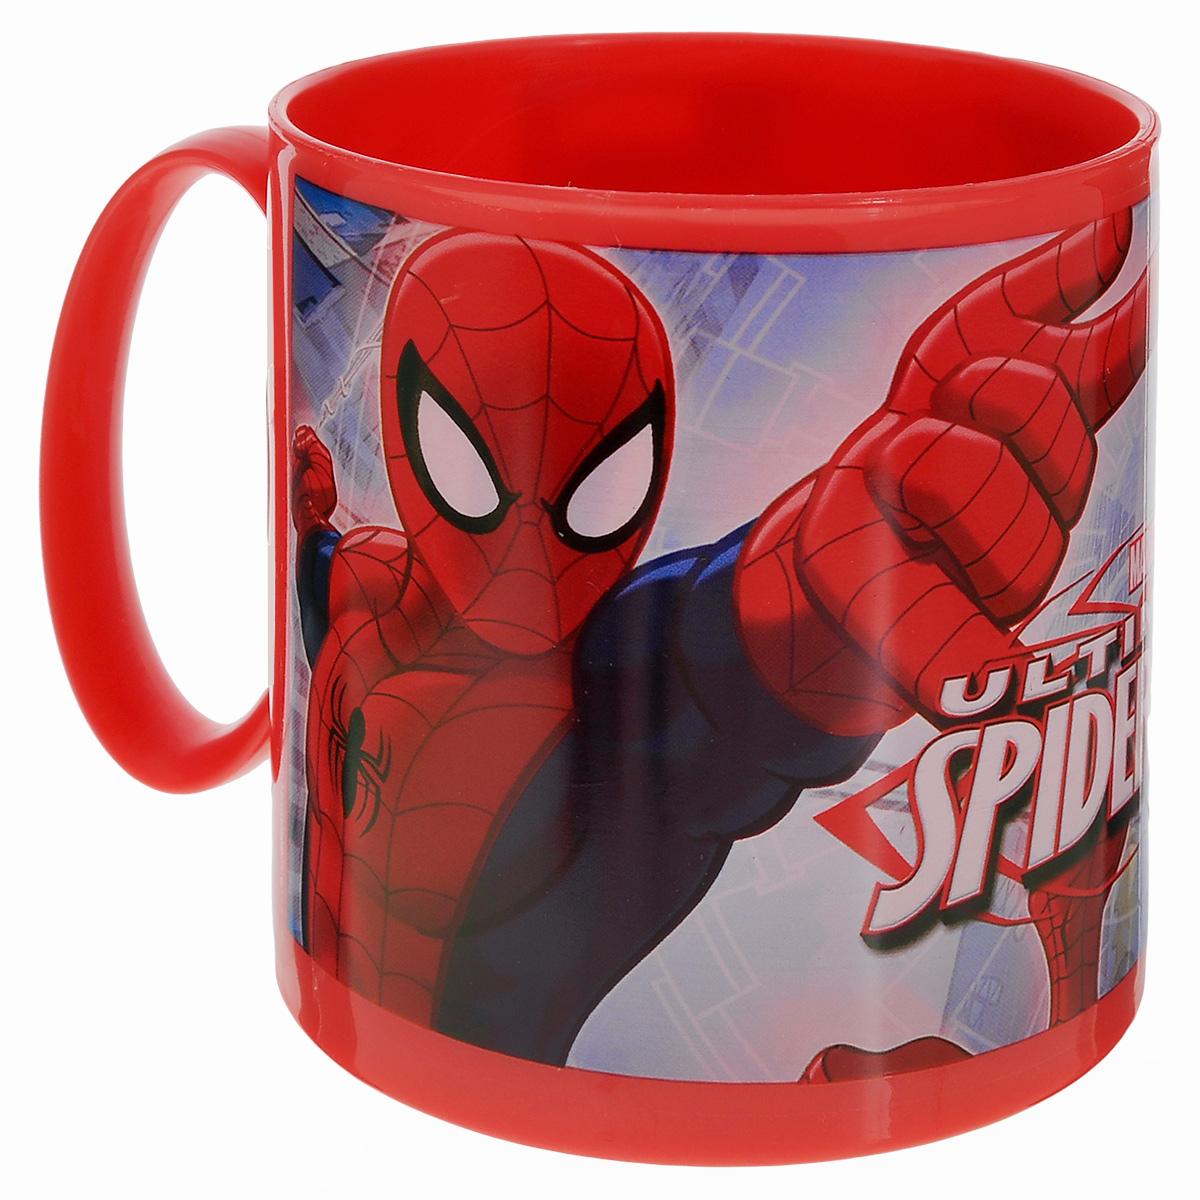 """Яркая кружка Marvel """"Spider-Man"""", изготовленная из безопасного пластика, непременно понравится юному  обладателю. Оформлена изображением супергероя - человека-паука из одноименного мультсериала. Кружка  дополнена удобной ручкой.Рекомендуется для детей от: 3 лет."""